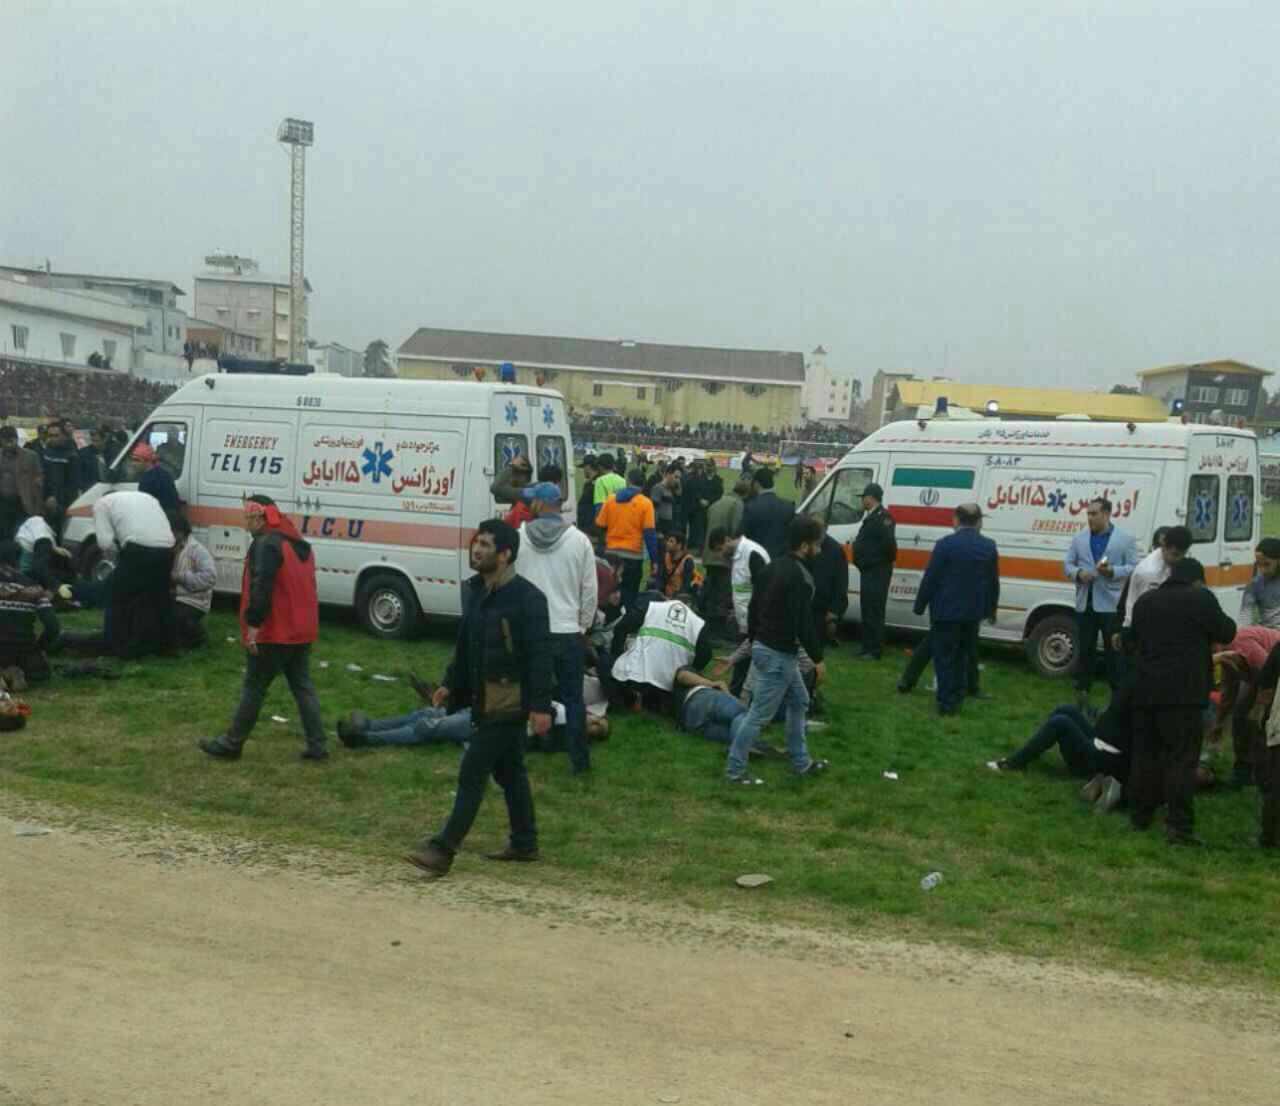 درگیری خونین در دربی مازندران/ بازی نیمه تمام ماند/ کمیته انضباطی رای نهایی را صادر می کند + تصاویر